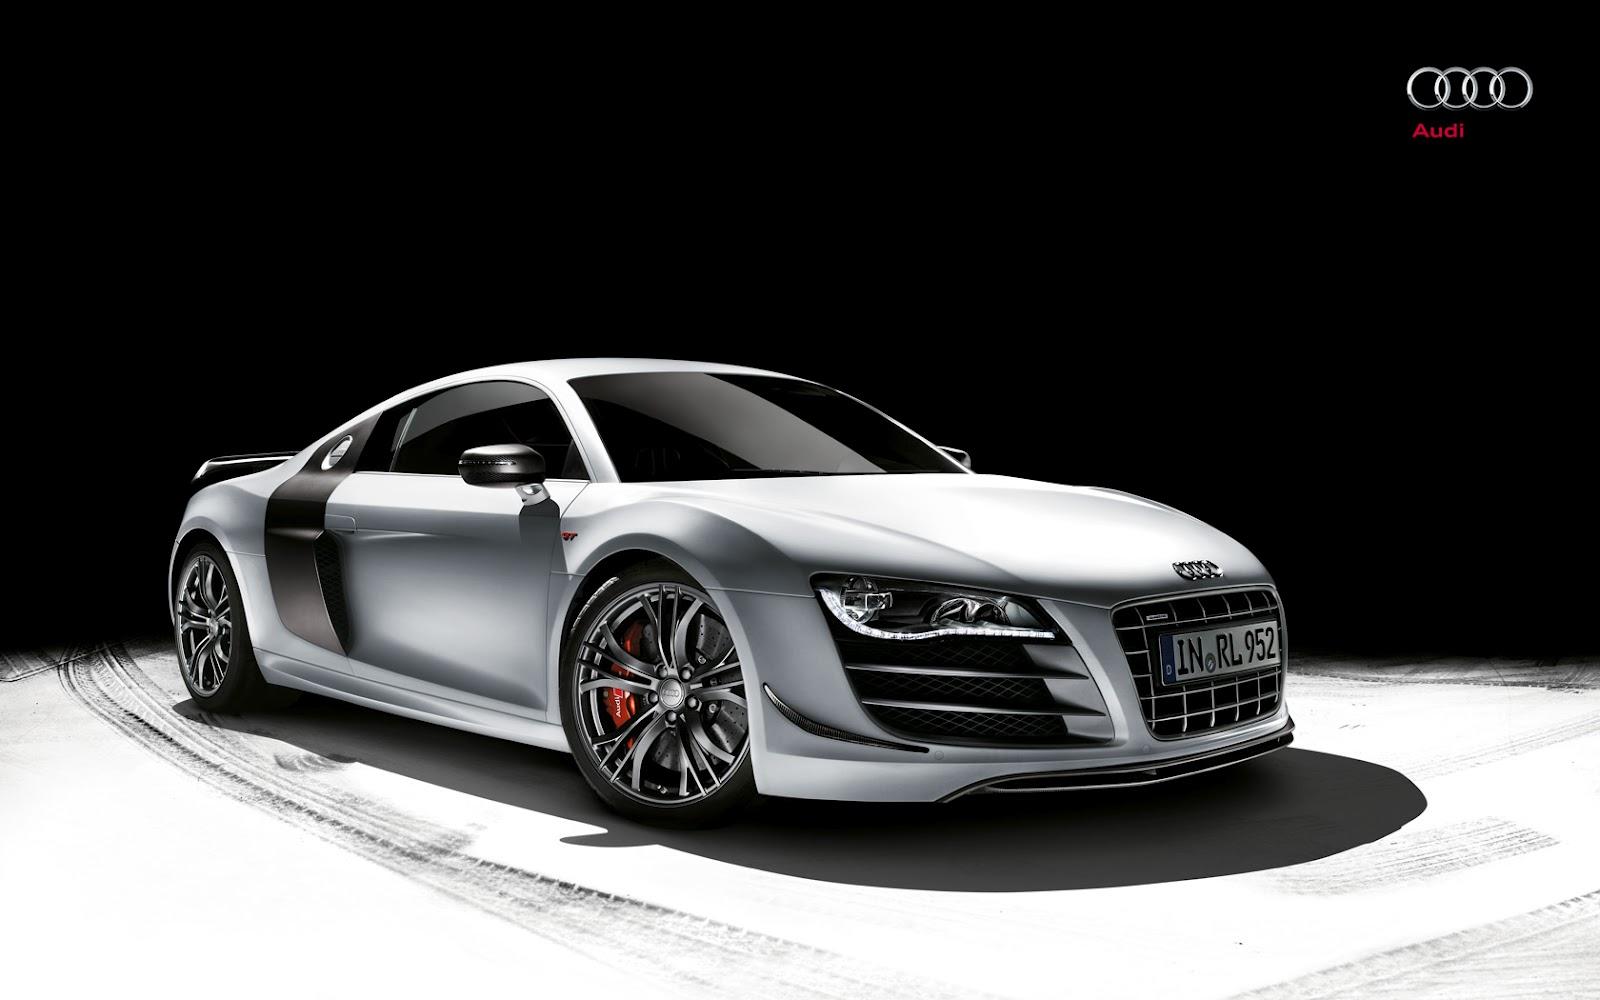 http://2.bp.blogspot.com/-ANamyS5LkrQ/T7lHBfoLjkI/AAAAAAAALdM/iuJY7ofTRqc/s1600/Audi-R8-GT-1.jpg